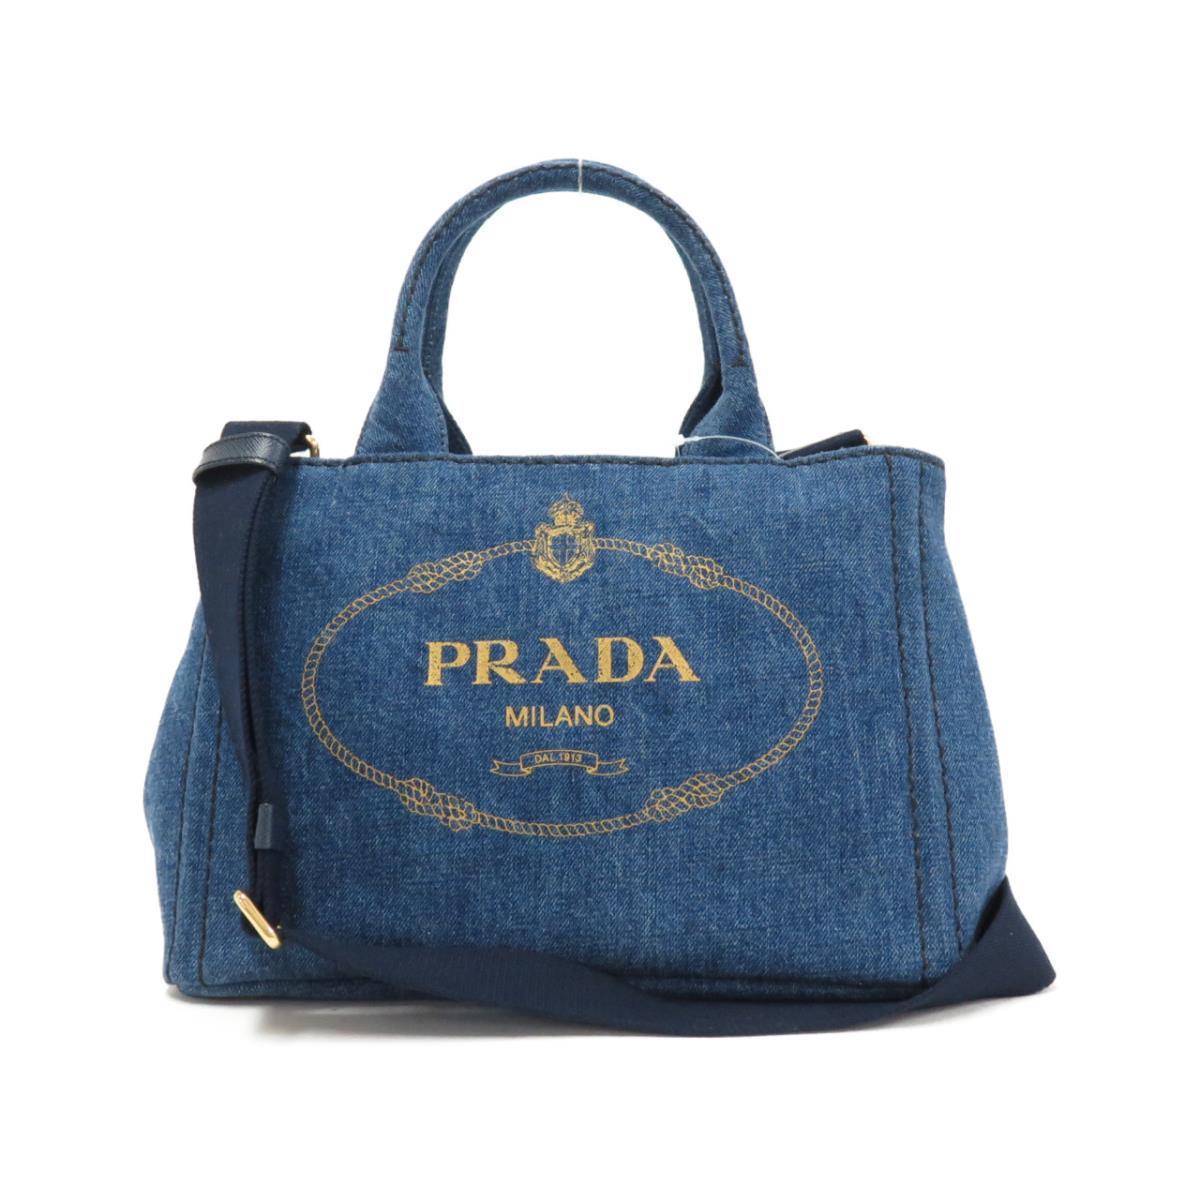 プラダのデニムバッグ